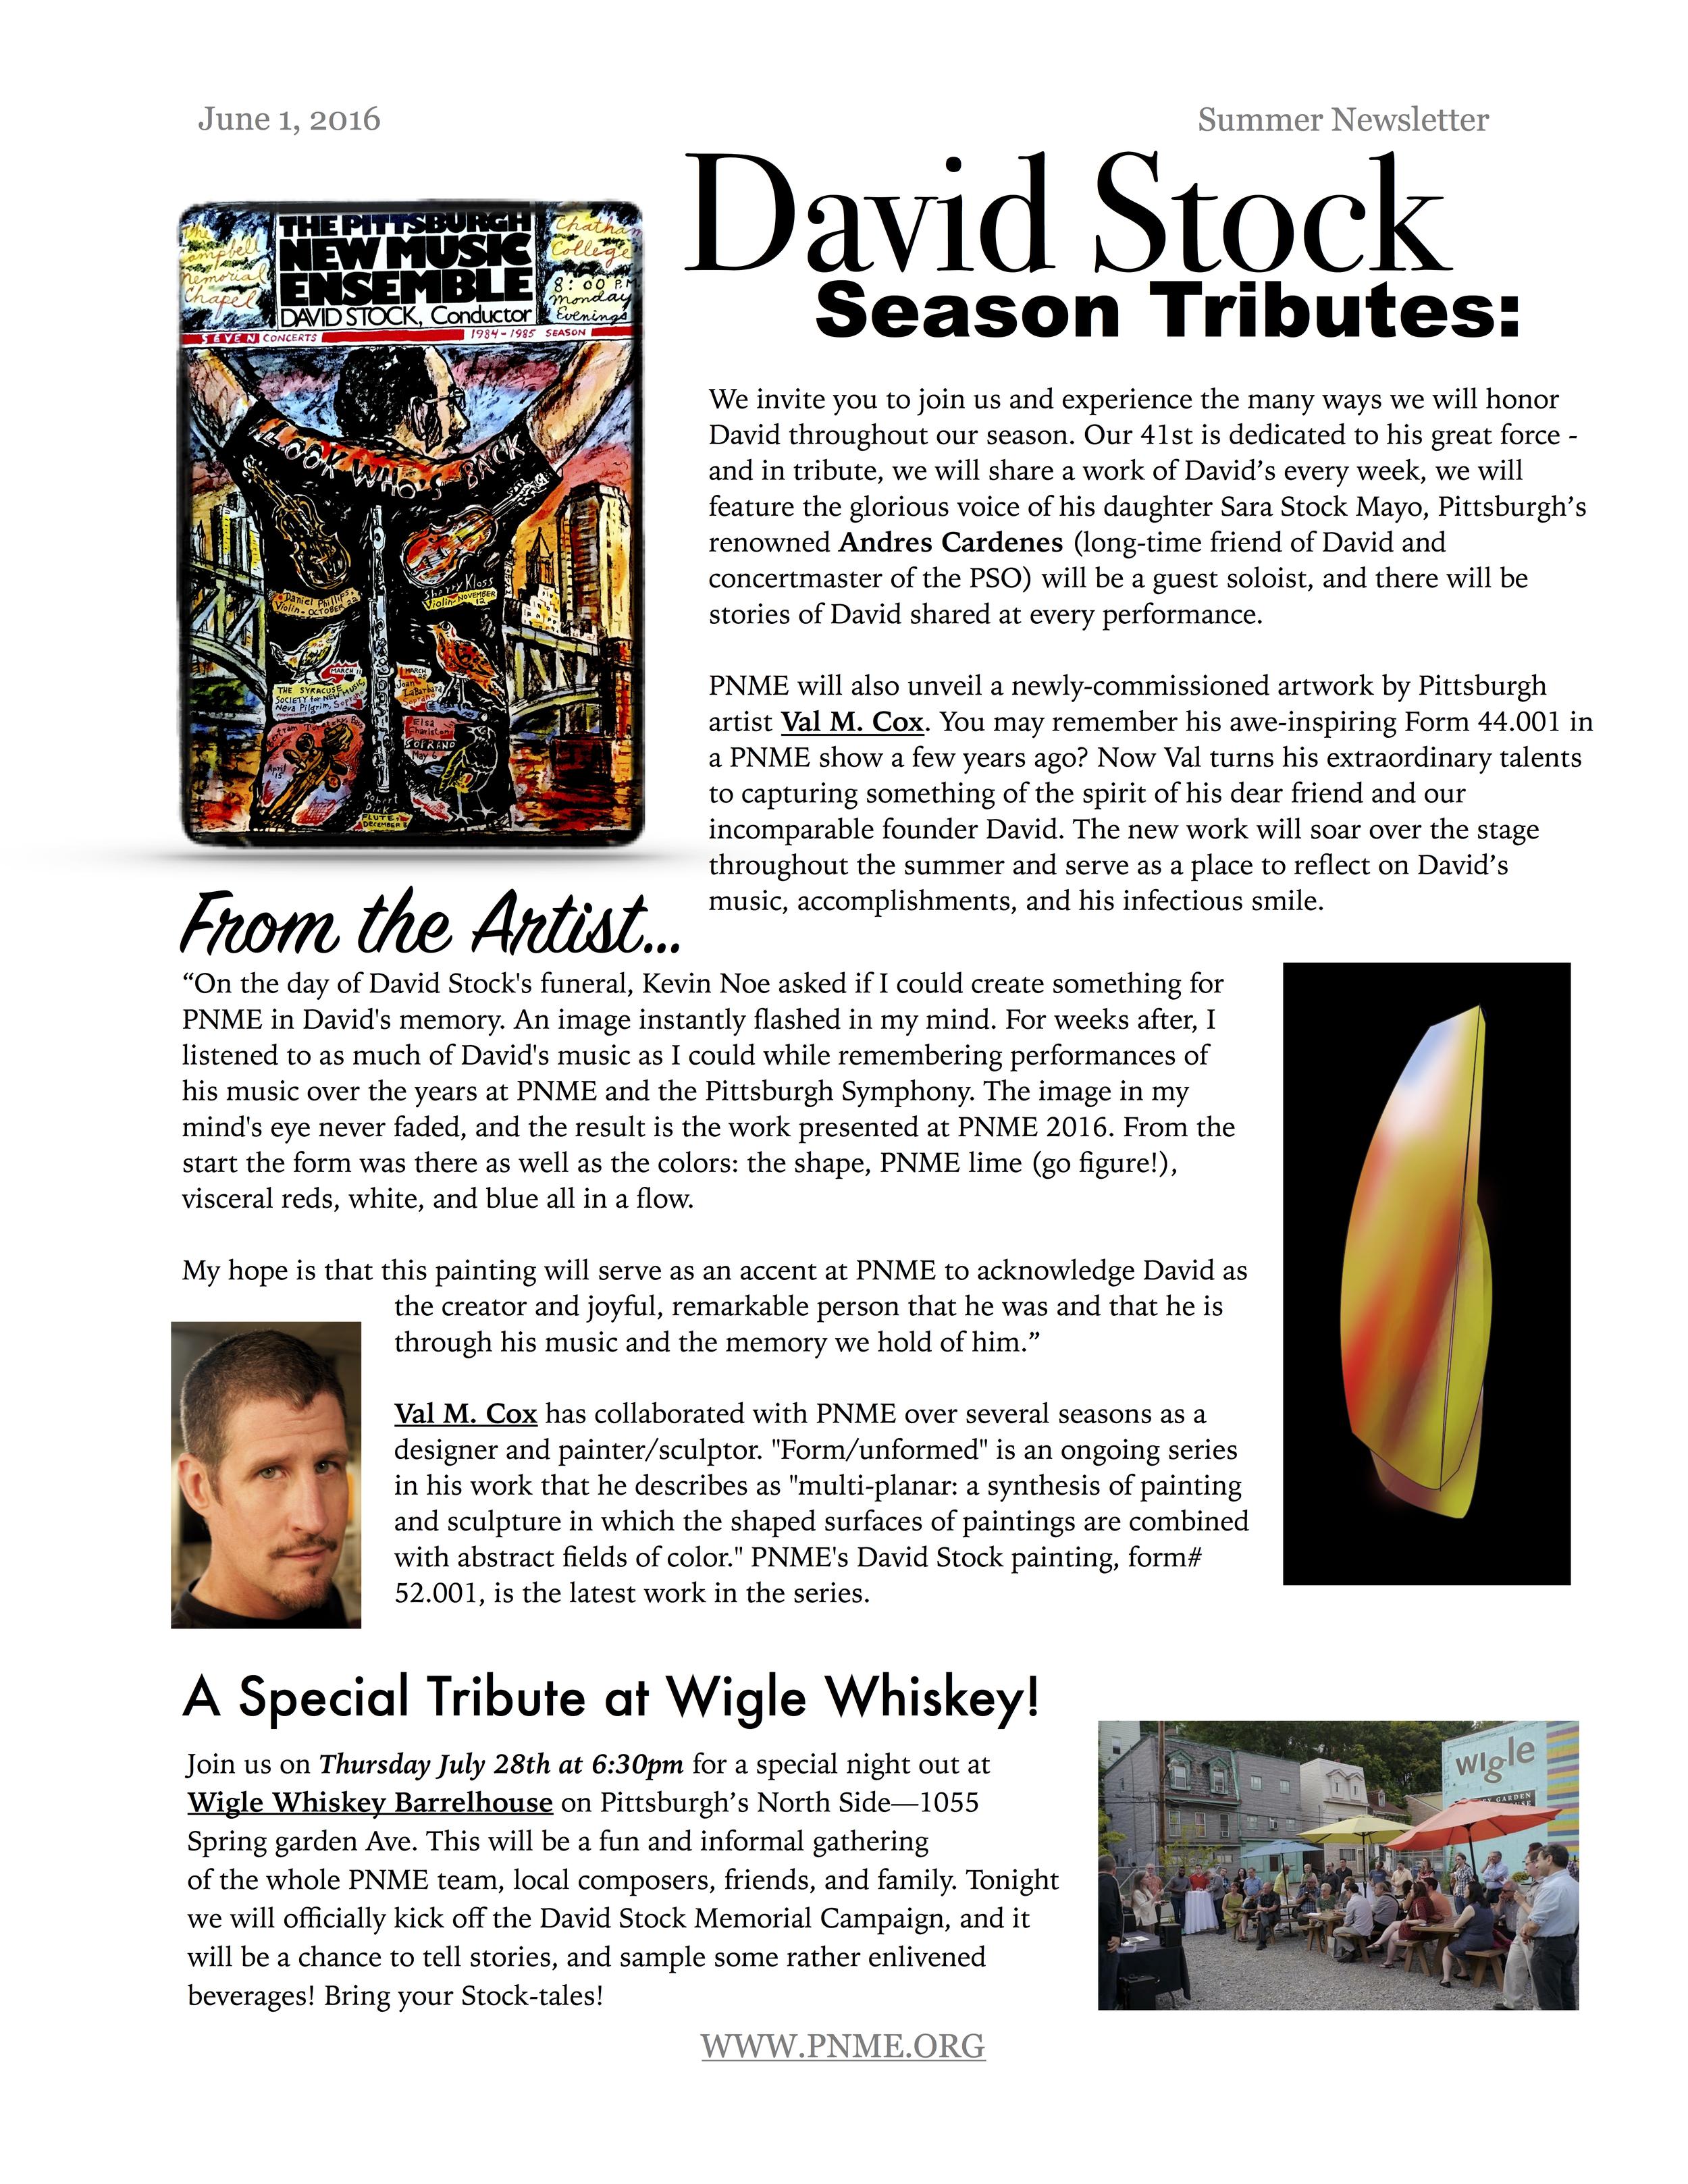 Summer Newsletter 3